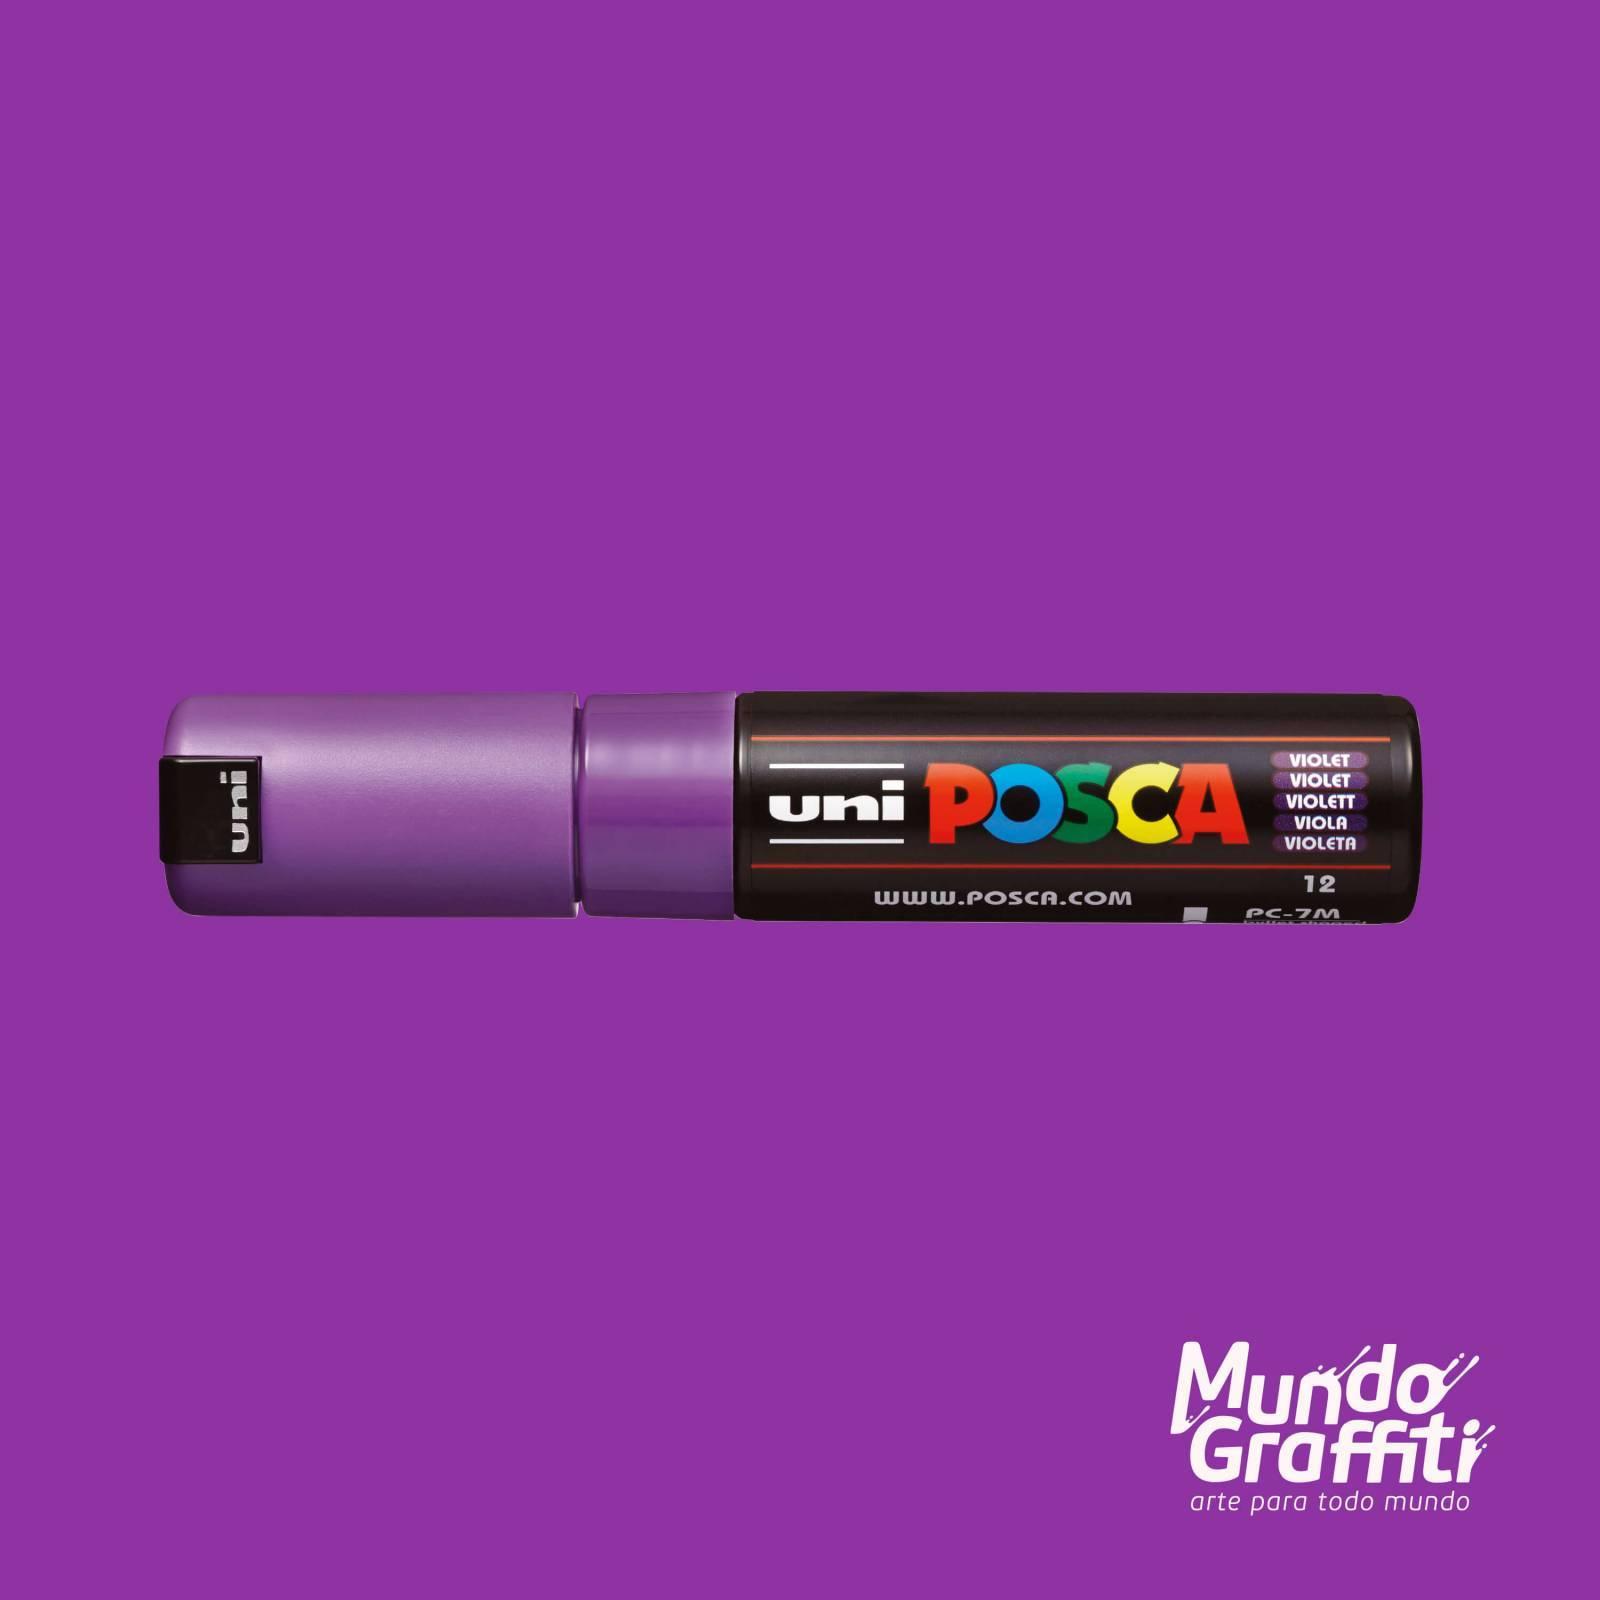 Caneta Posca 8K Violeta - Mundo Graffiti